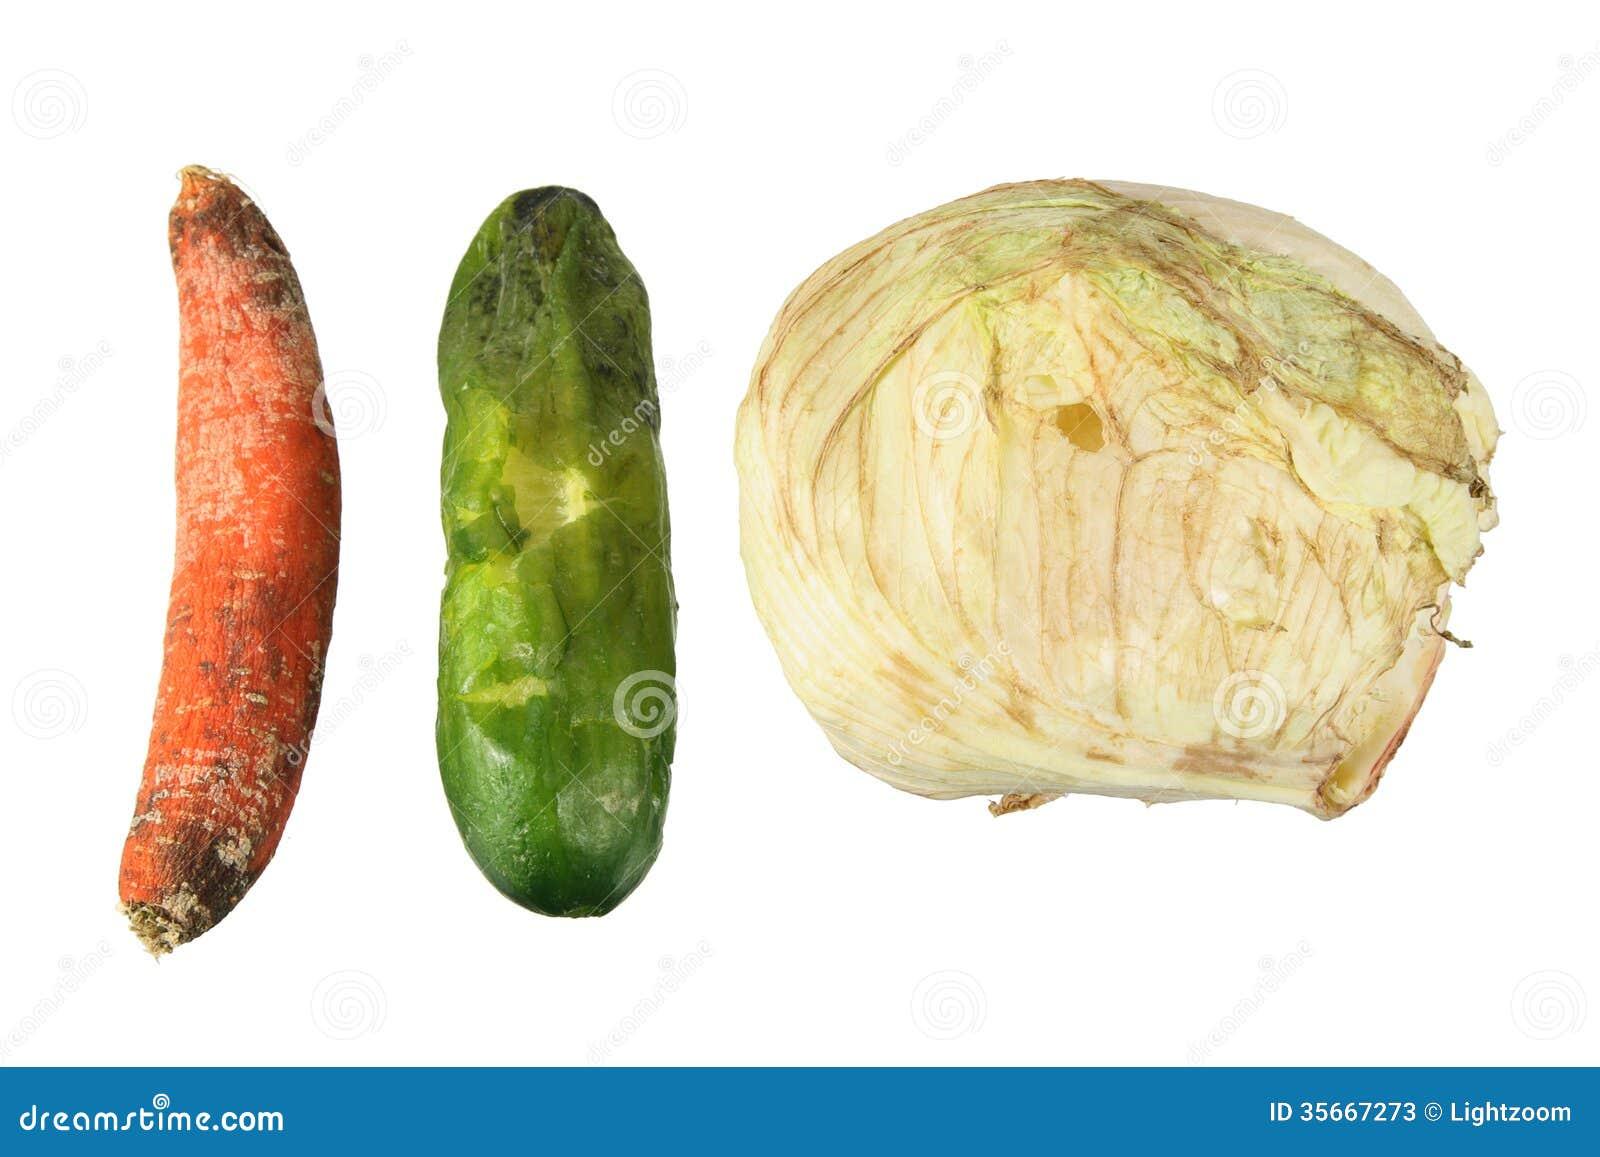 чему во сне купить овощи дайте